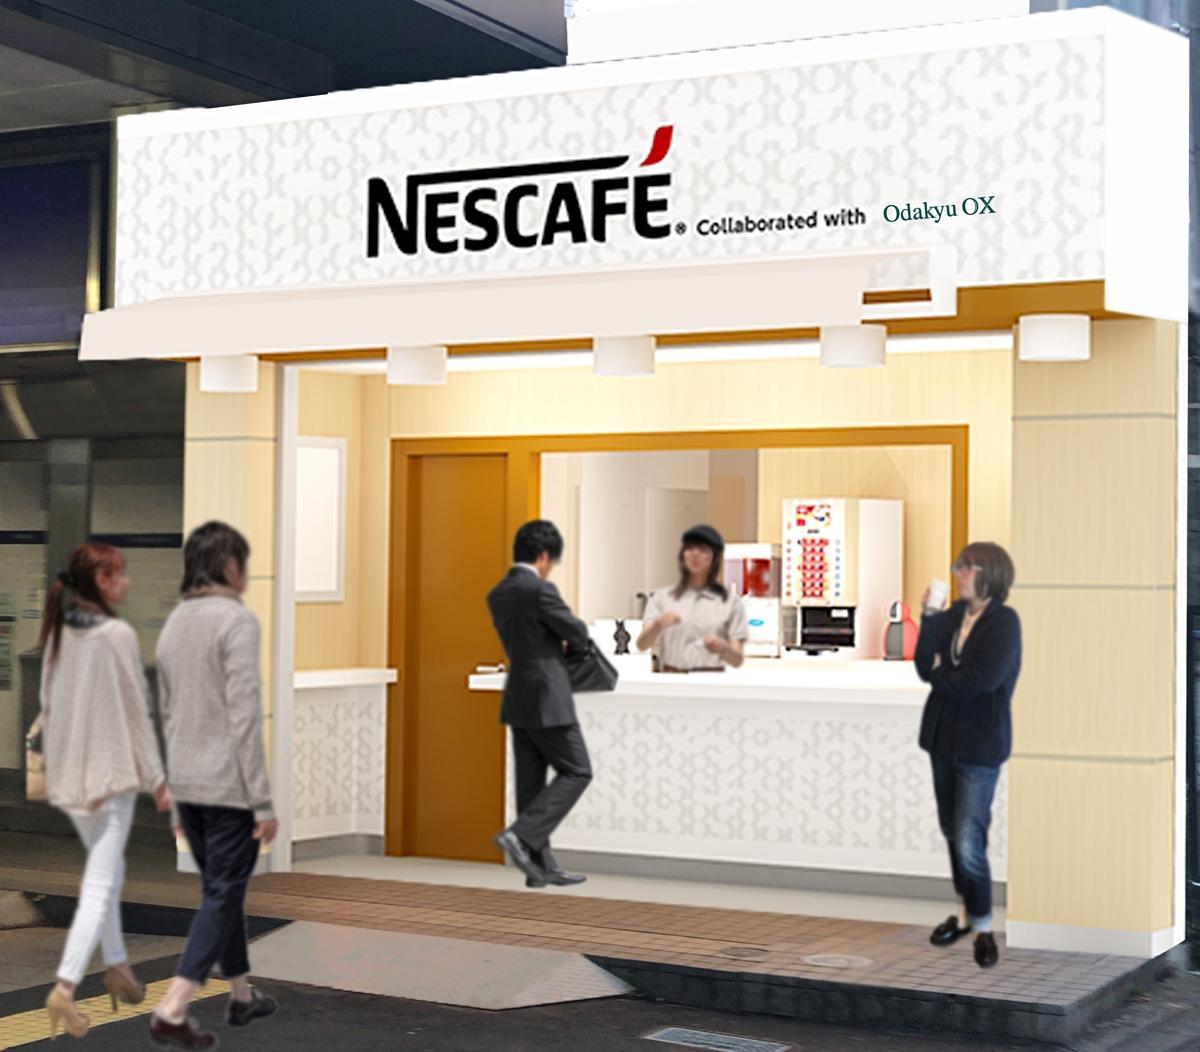 ネスカフェ スタンド 小田急玉川学園前店のイメージ